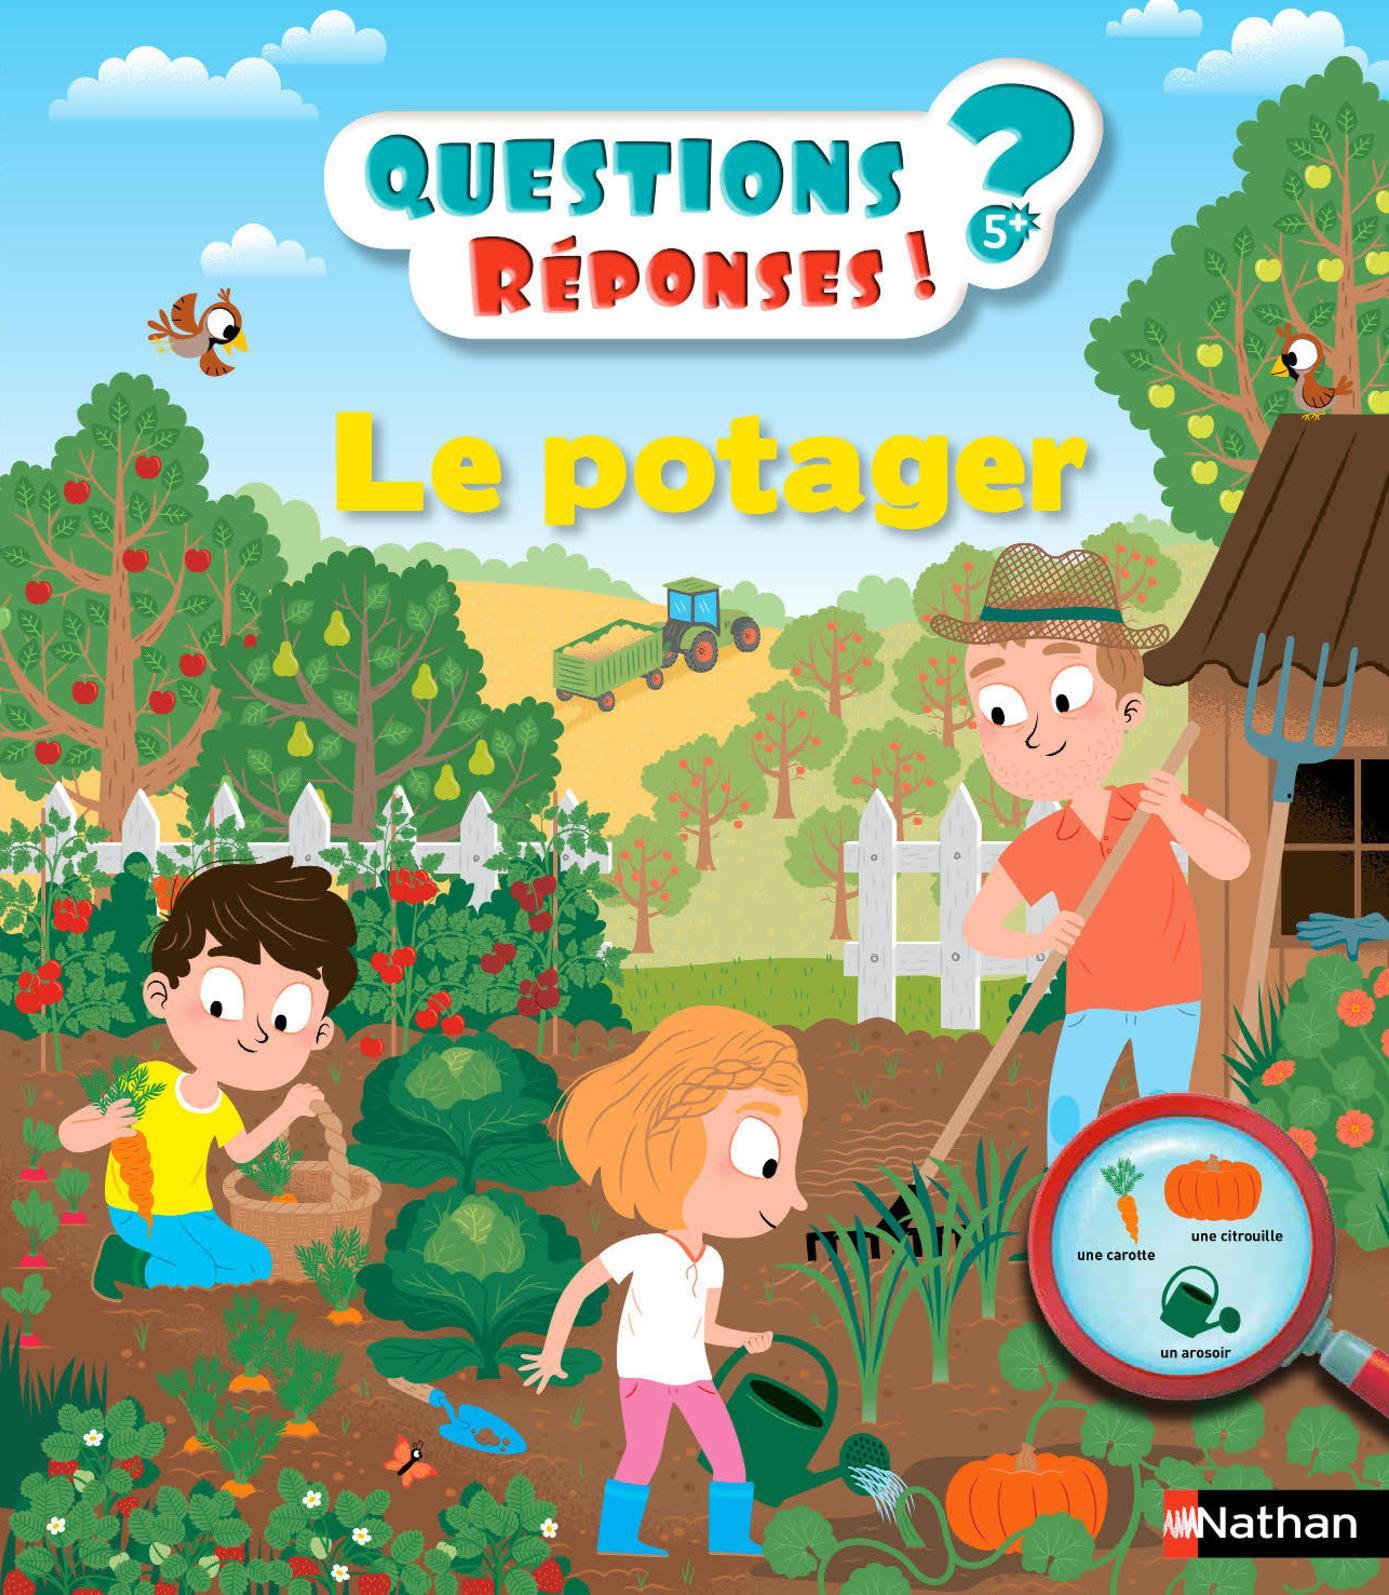 Le potager - Questions/Réponses - Extrait